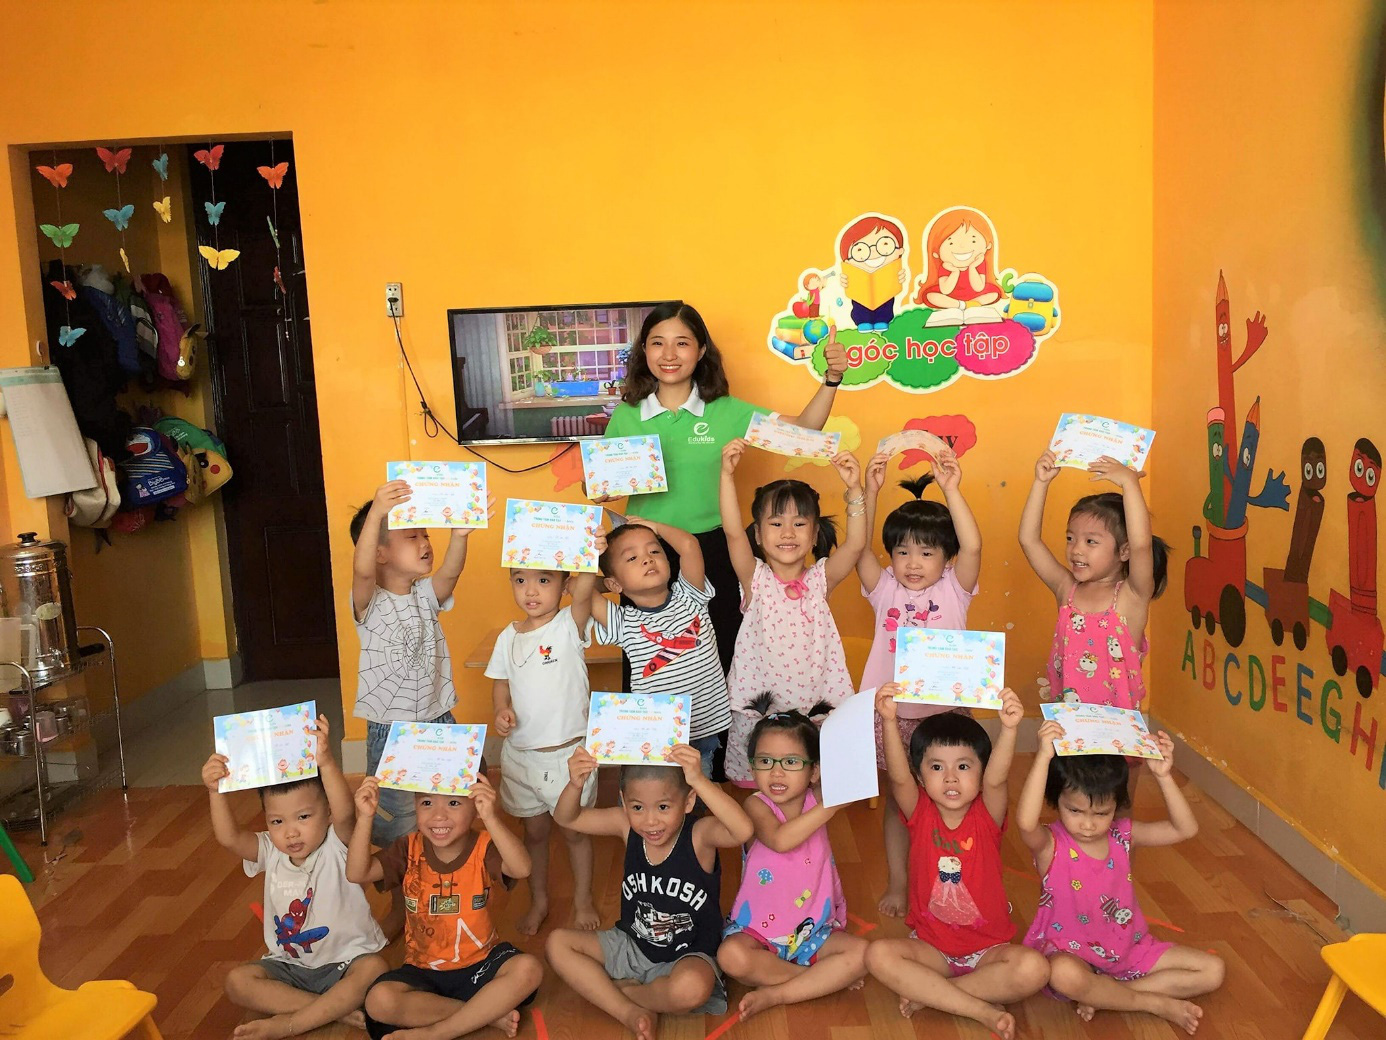 Công tác xã hội - Ngành học cho những người trẻ năng động và giàu lòng yêu thương - Ảnh 3.